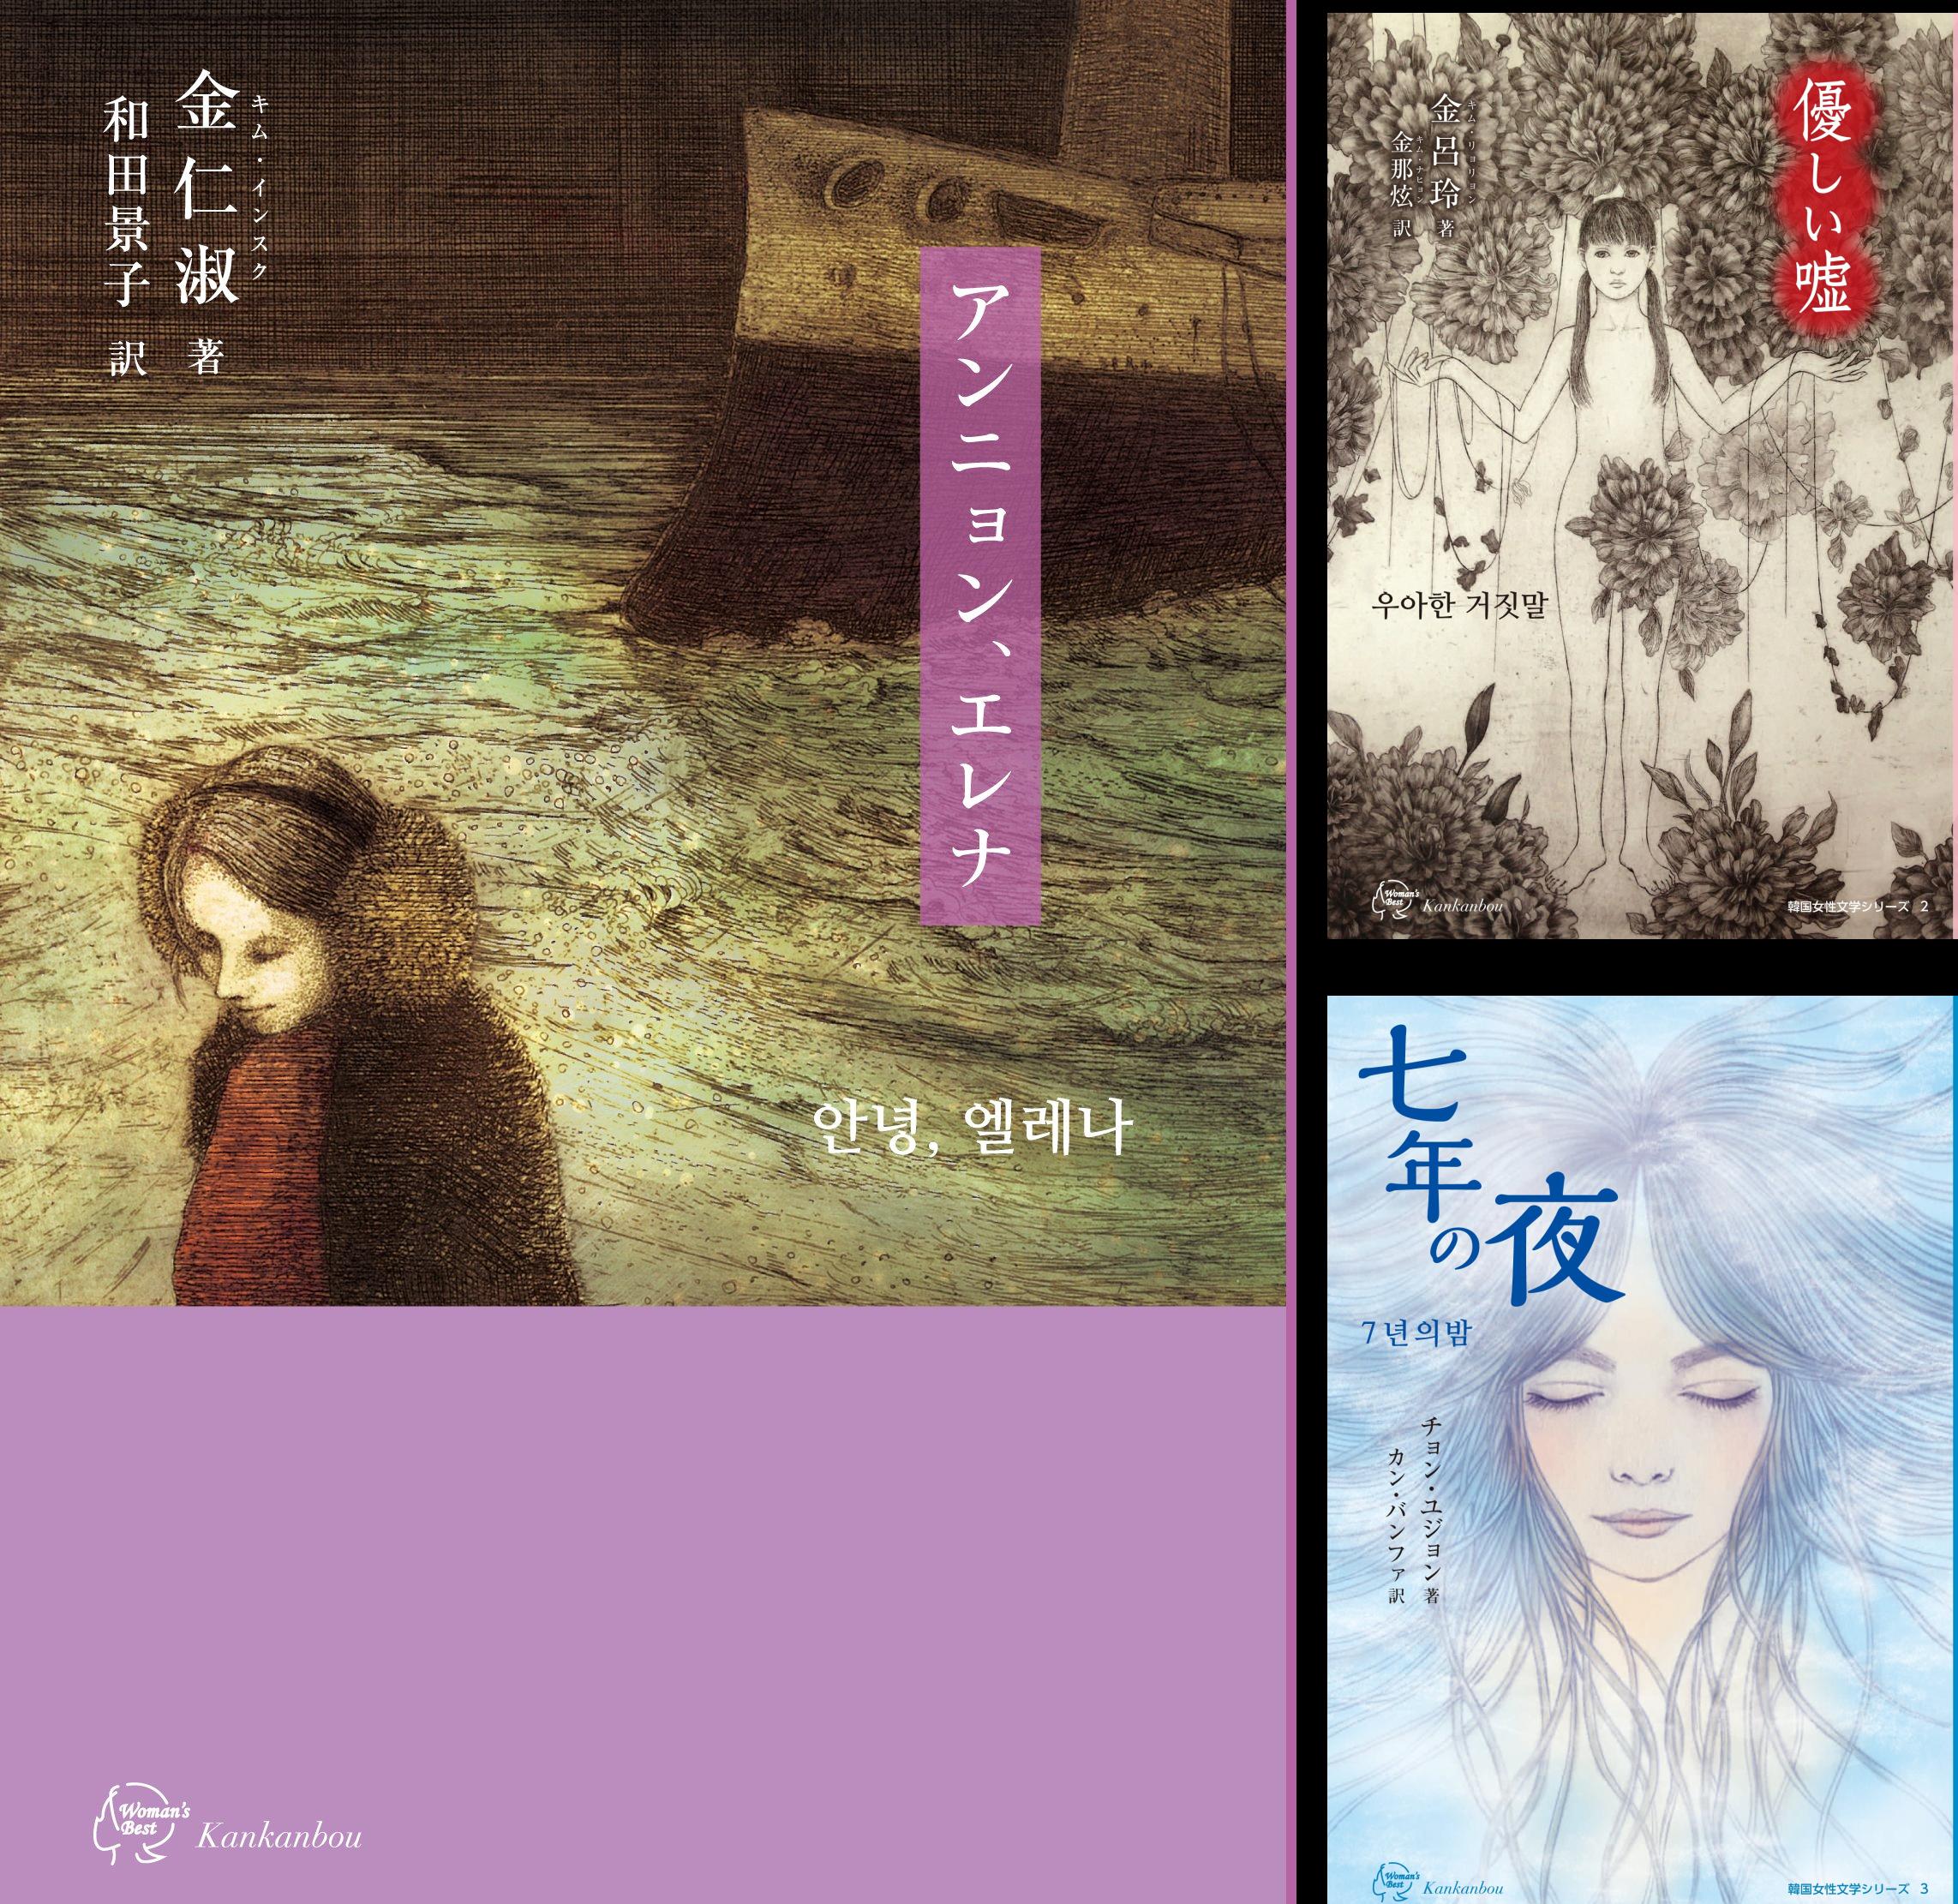 [まとめ買い] Woman's Best 韓国女性文学シリーズ